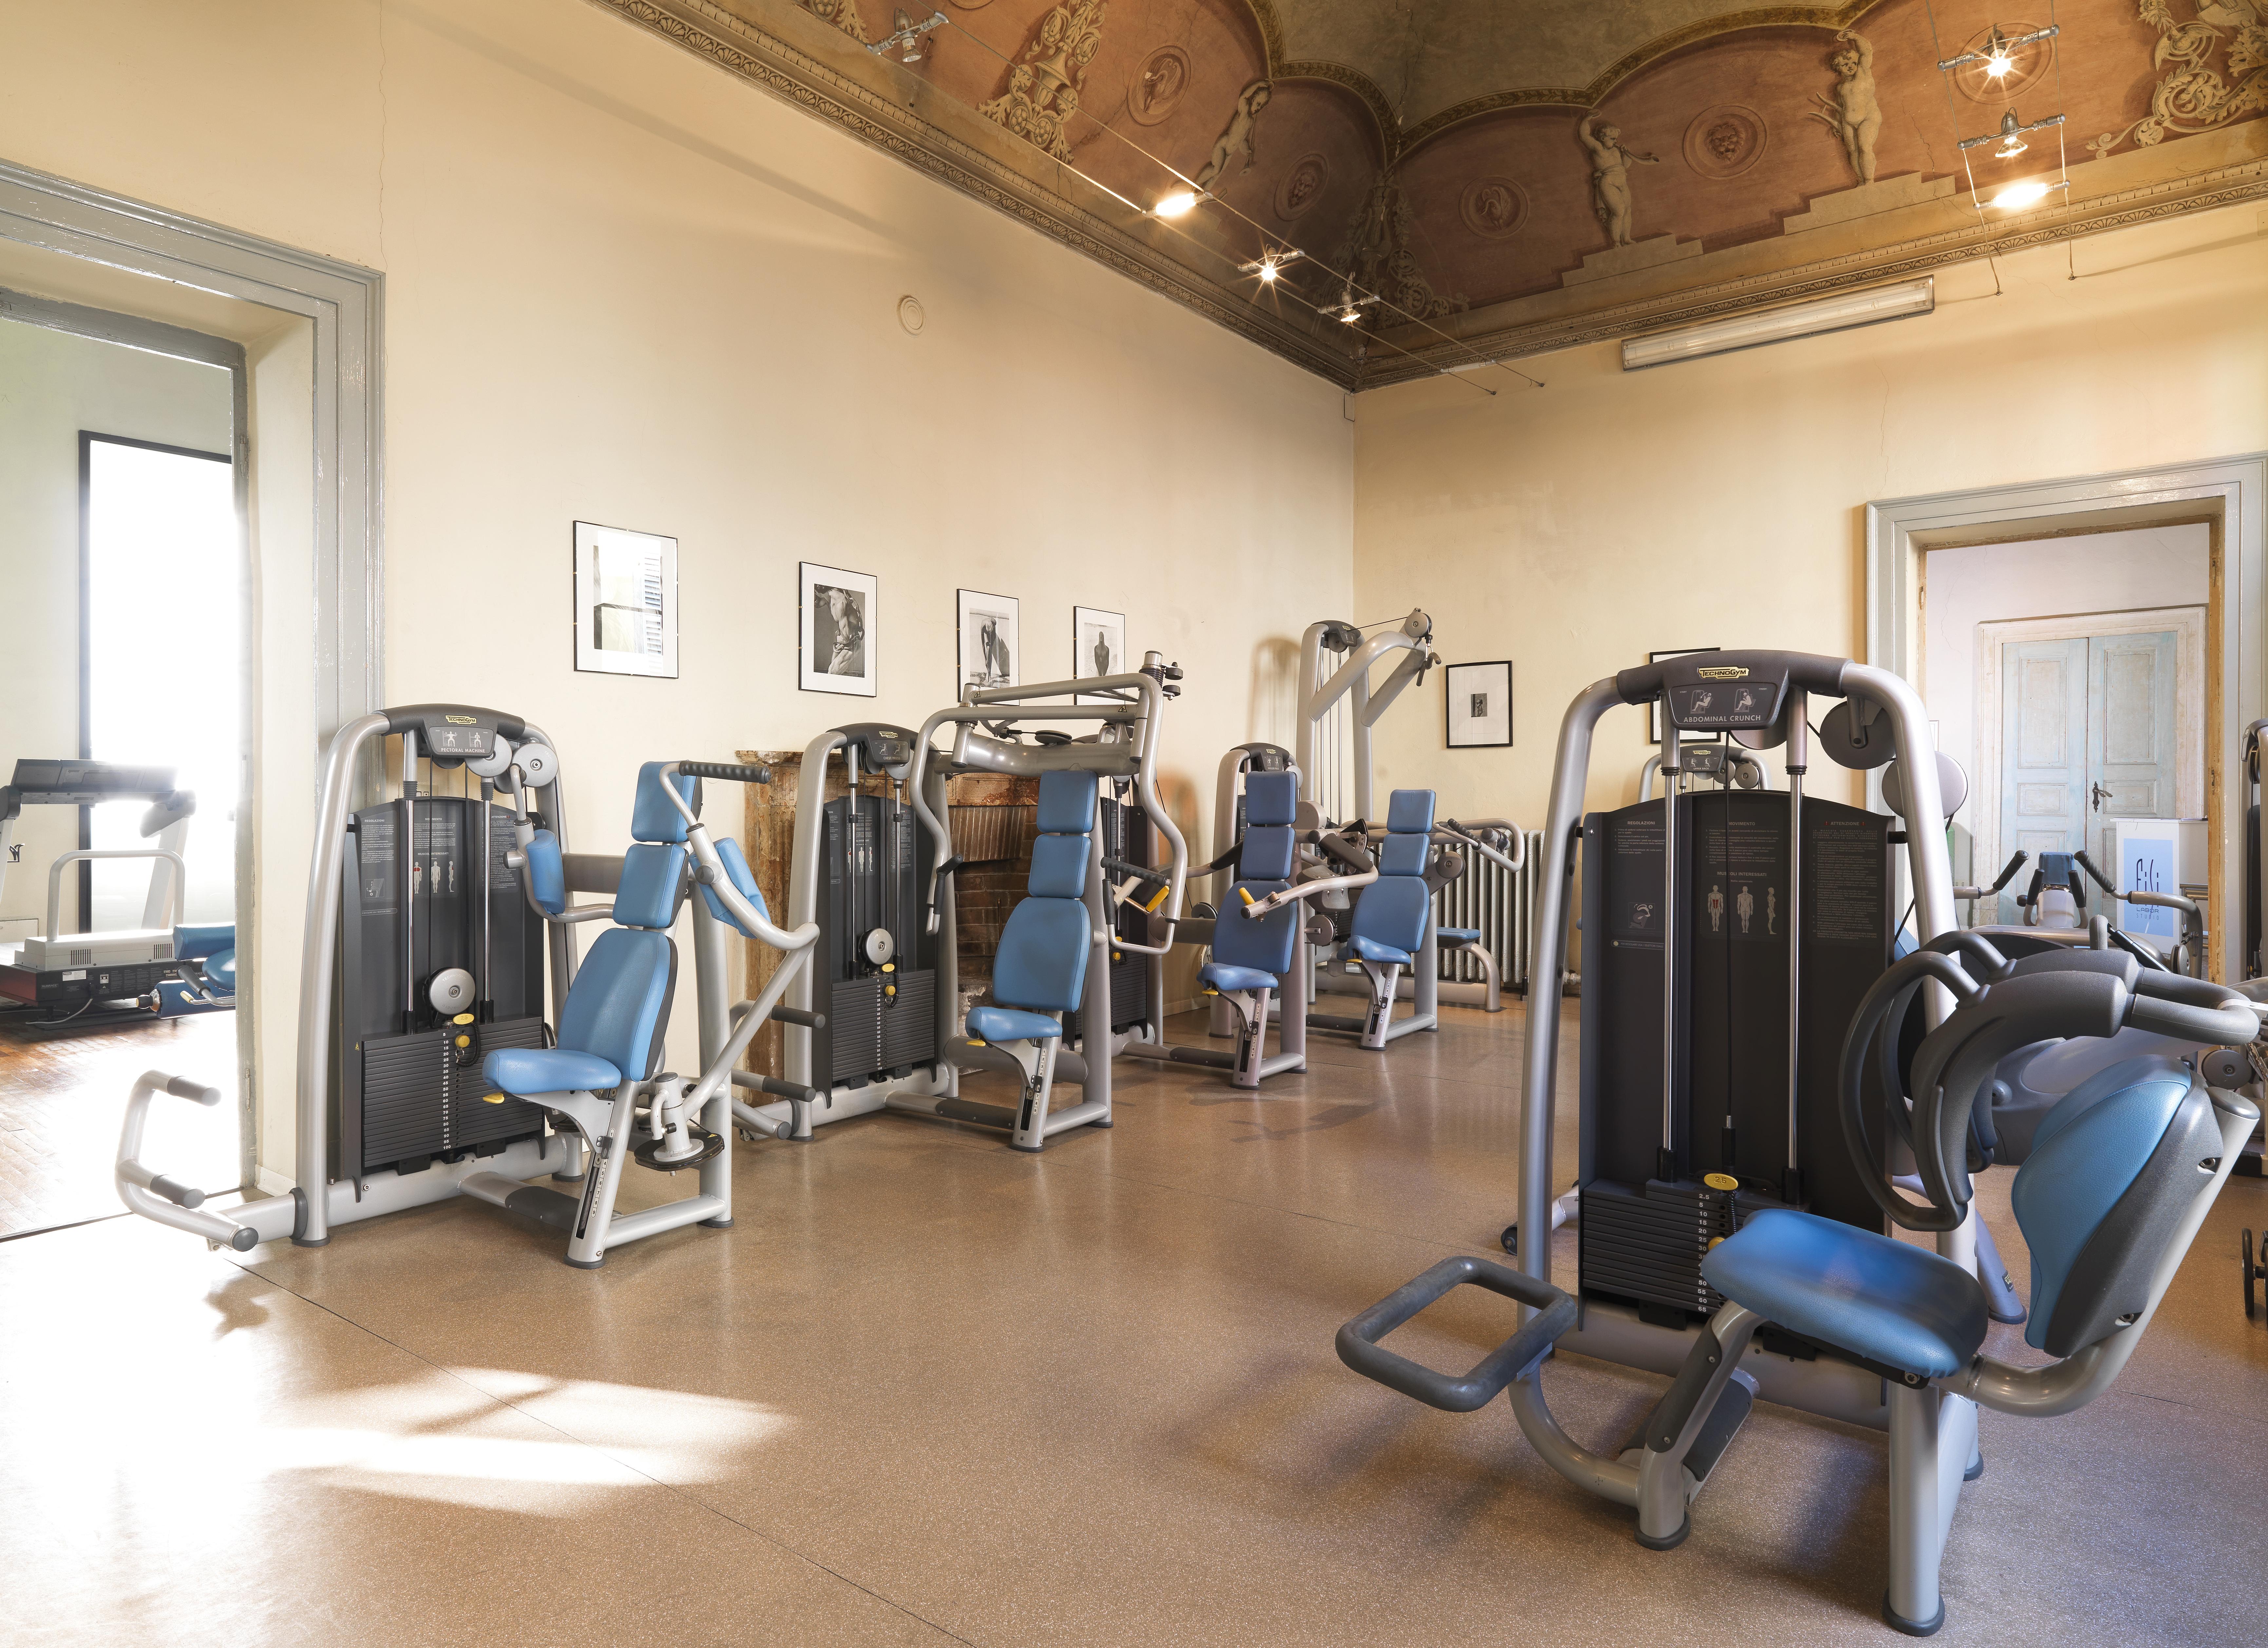 la sala con tutte le macchine isotoniche per l'allenamento nella palestra Fisilabor